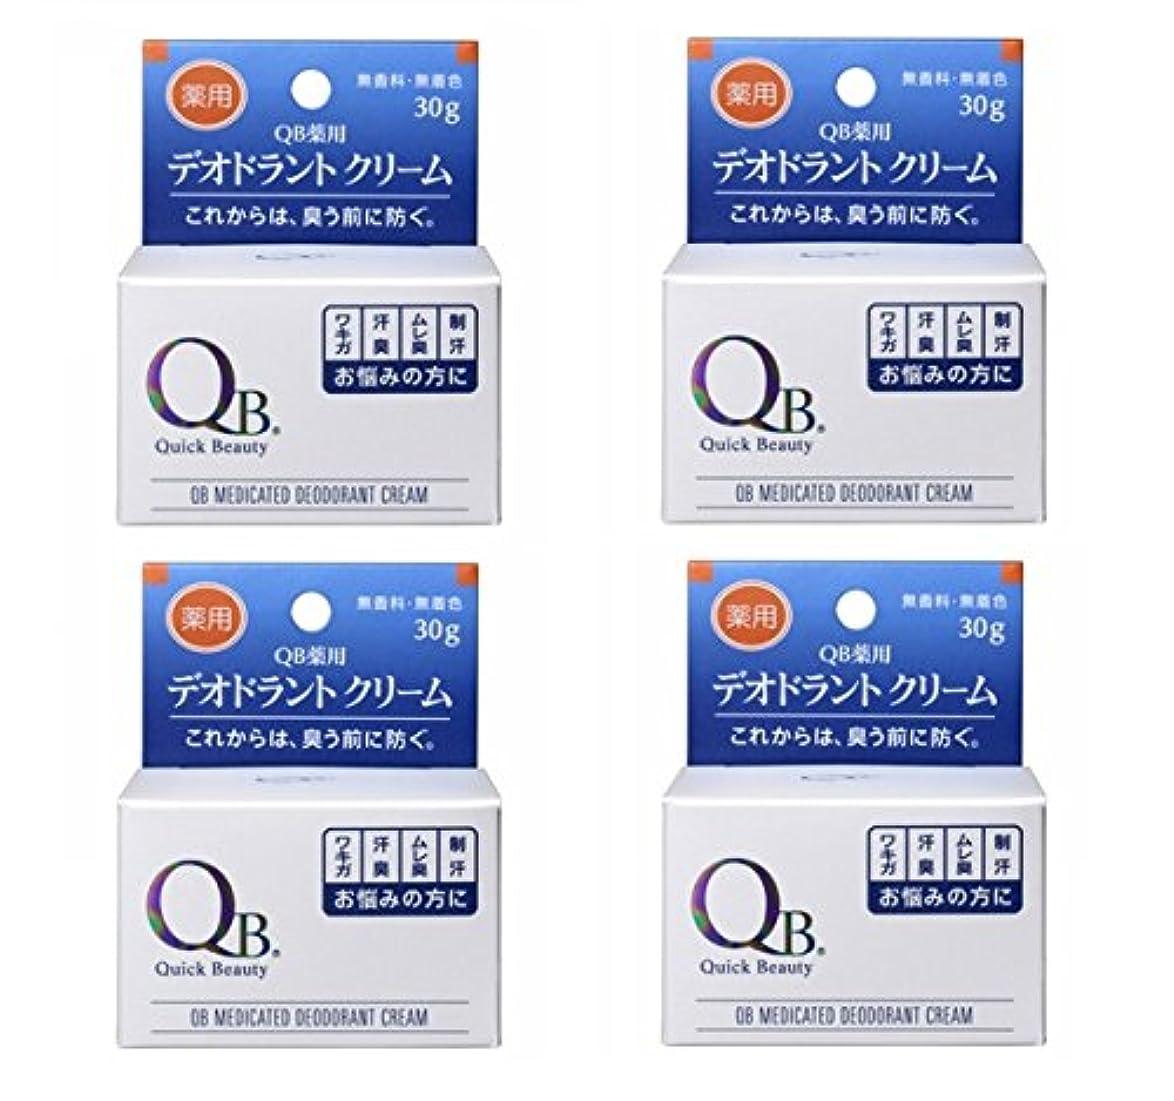 記憶グラスサポート【×4個】 QB 薬用デオドラントクリーム 30g 【国内正規品】